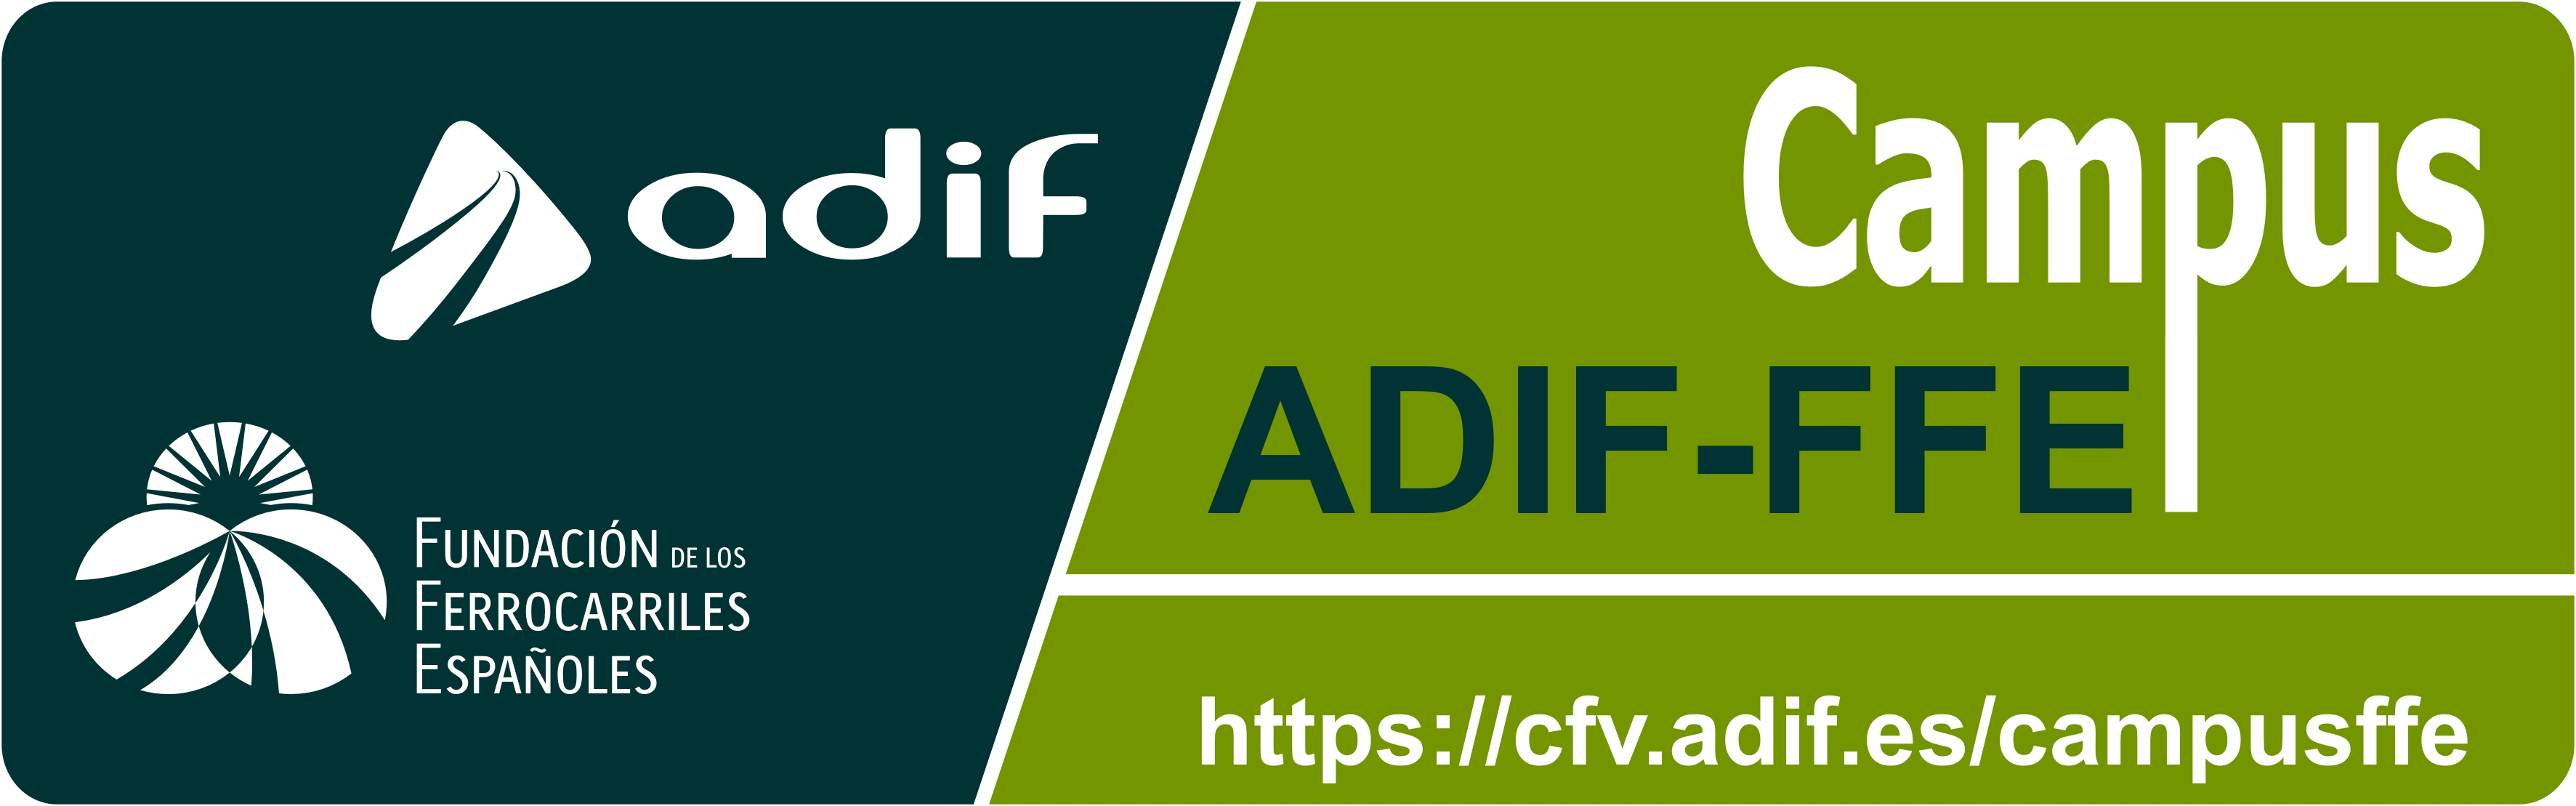 2021 Programas formativos Campus ADIF-FFE (Avance)